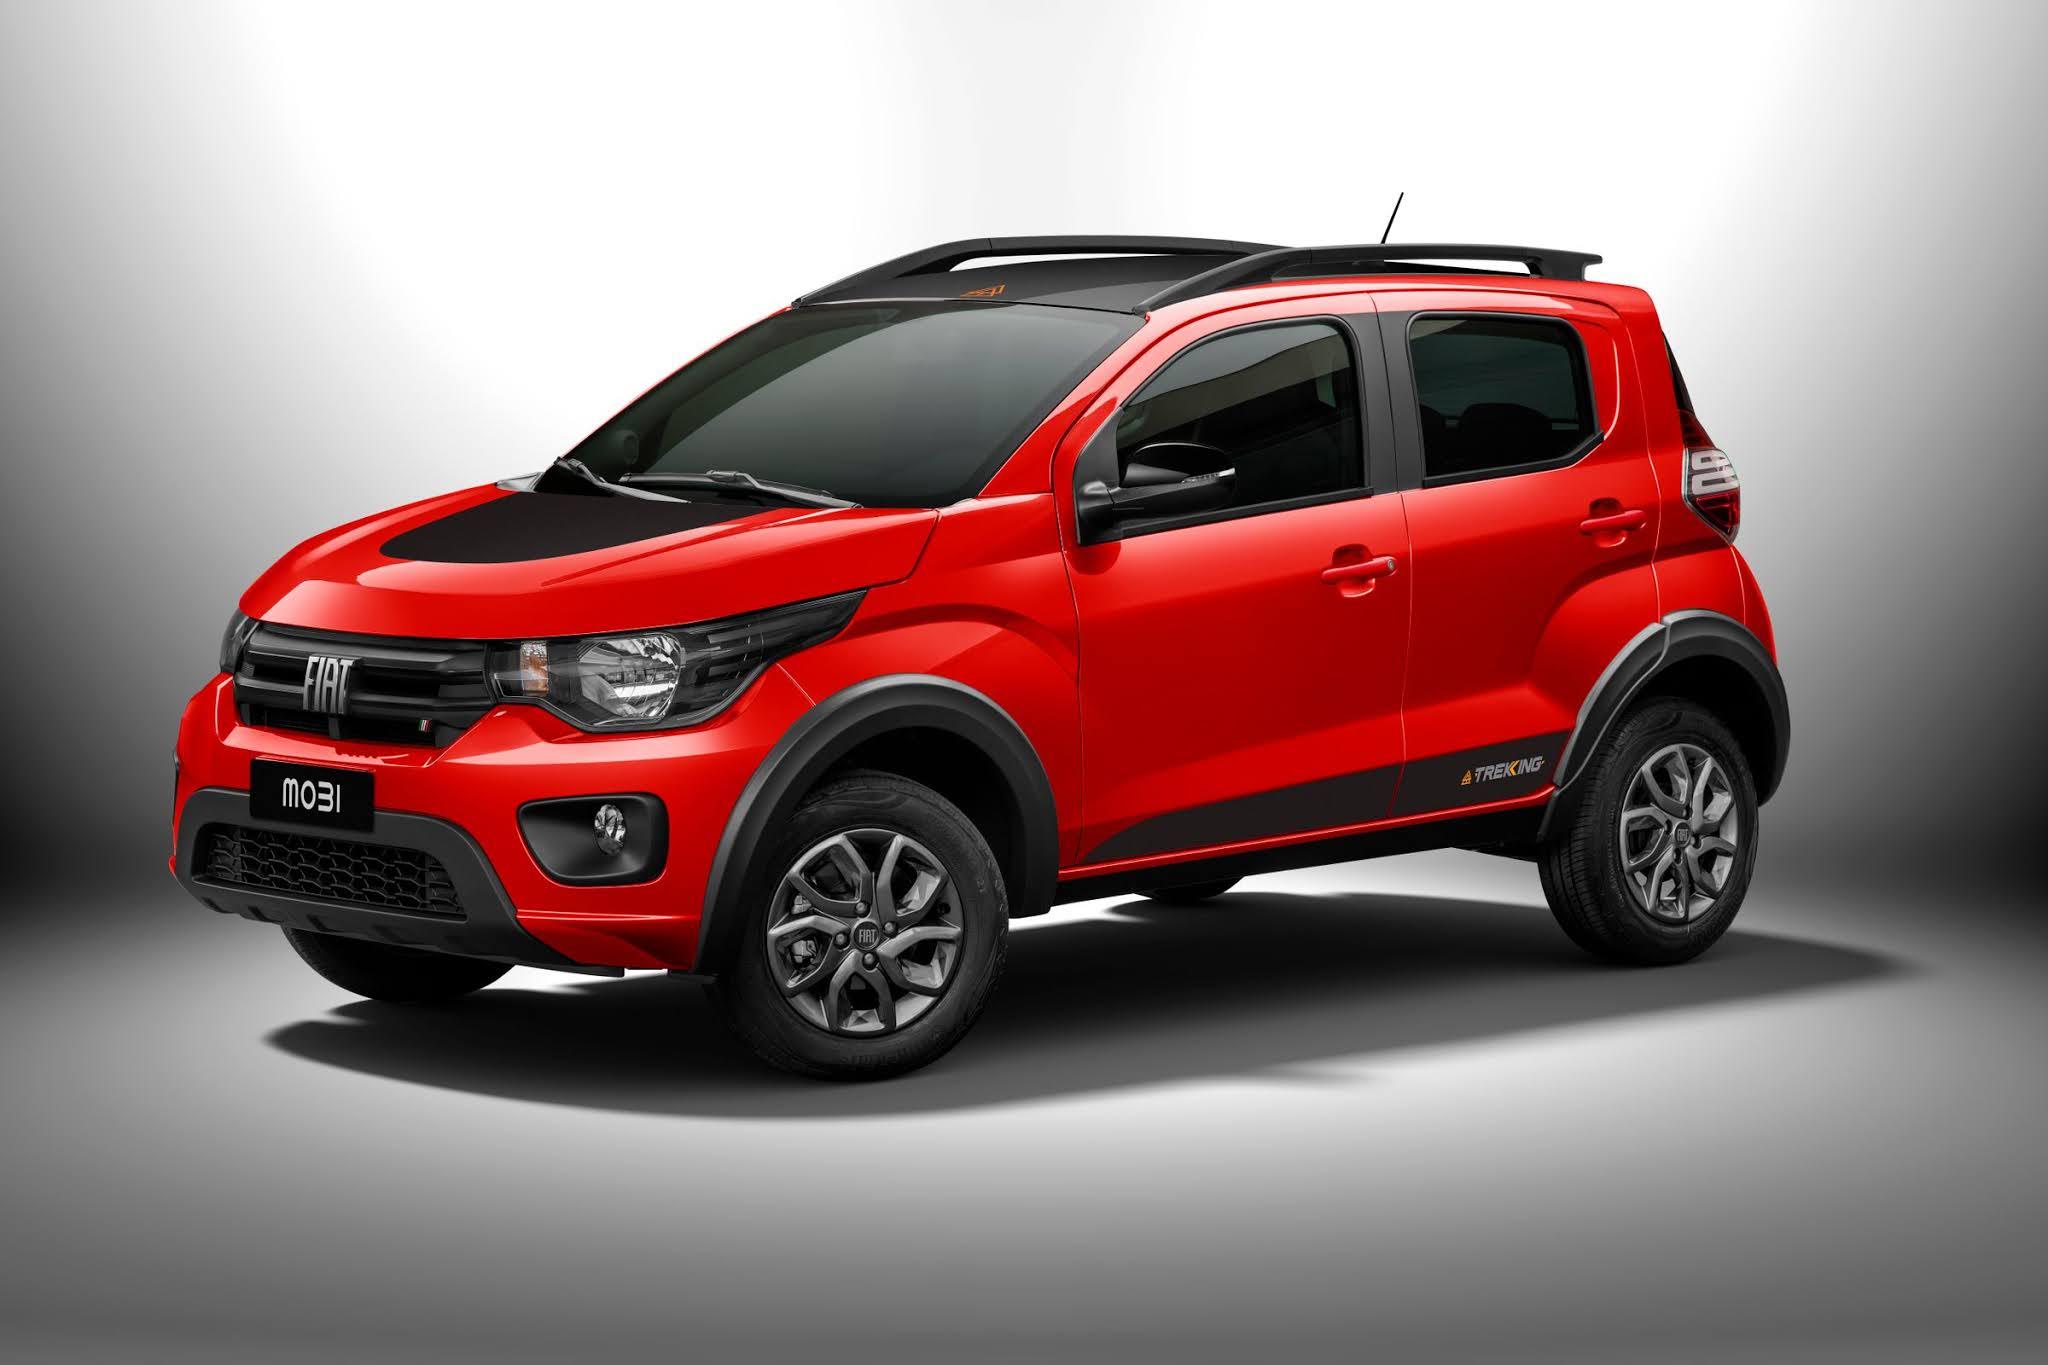 Fiat apresenta Mobi 2021 renovado, ainda mais robusto e com nova versão Trekking